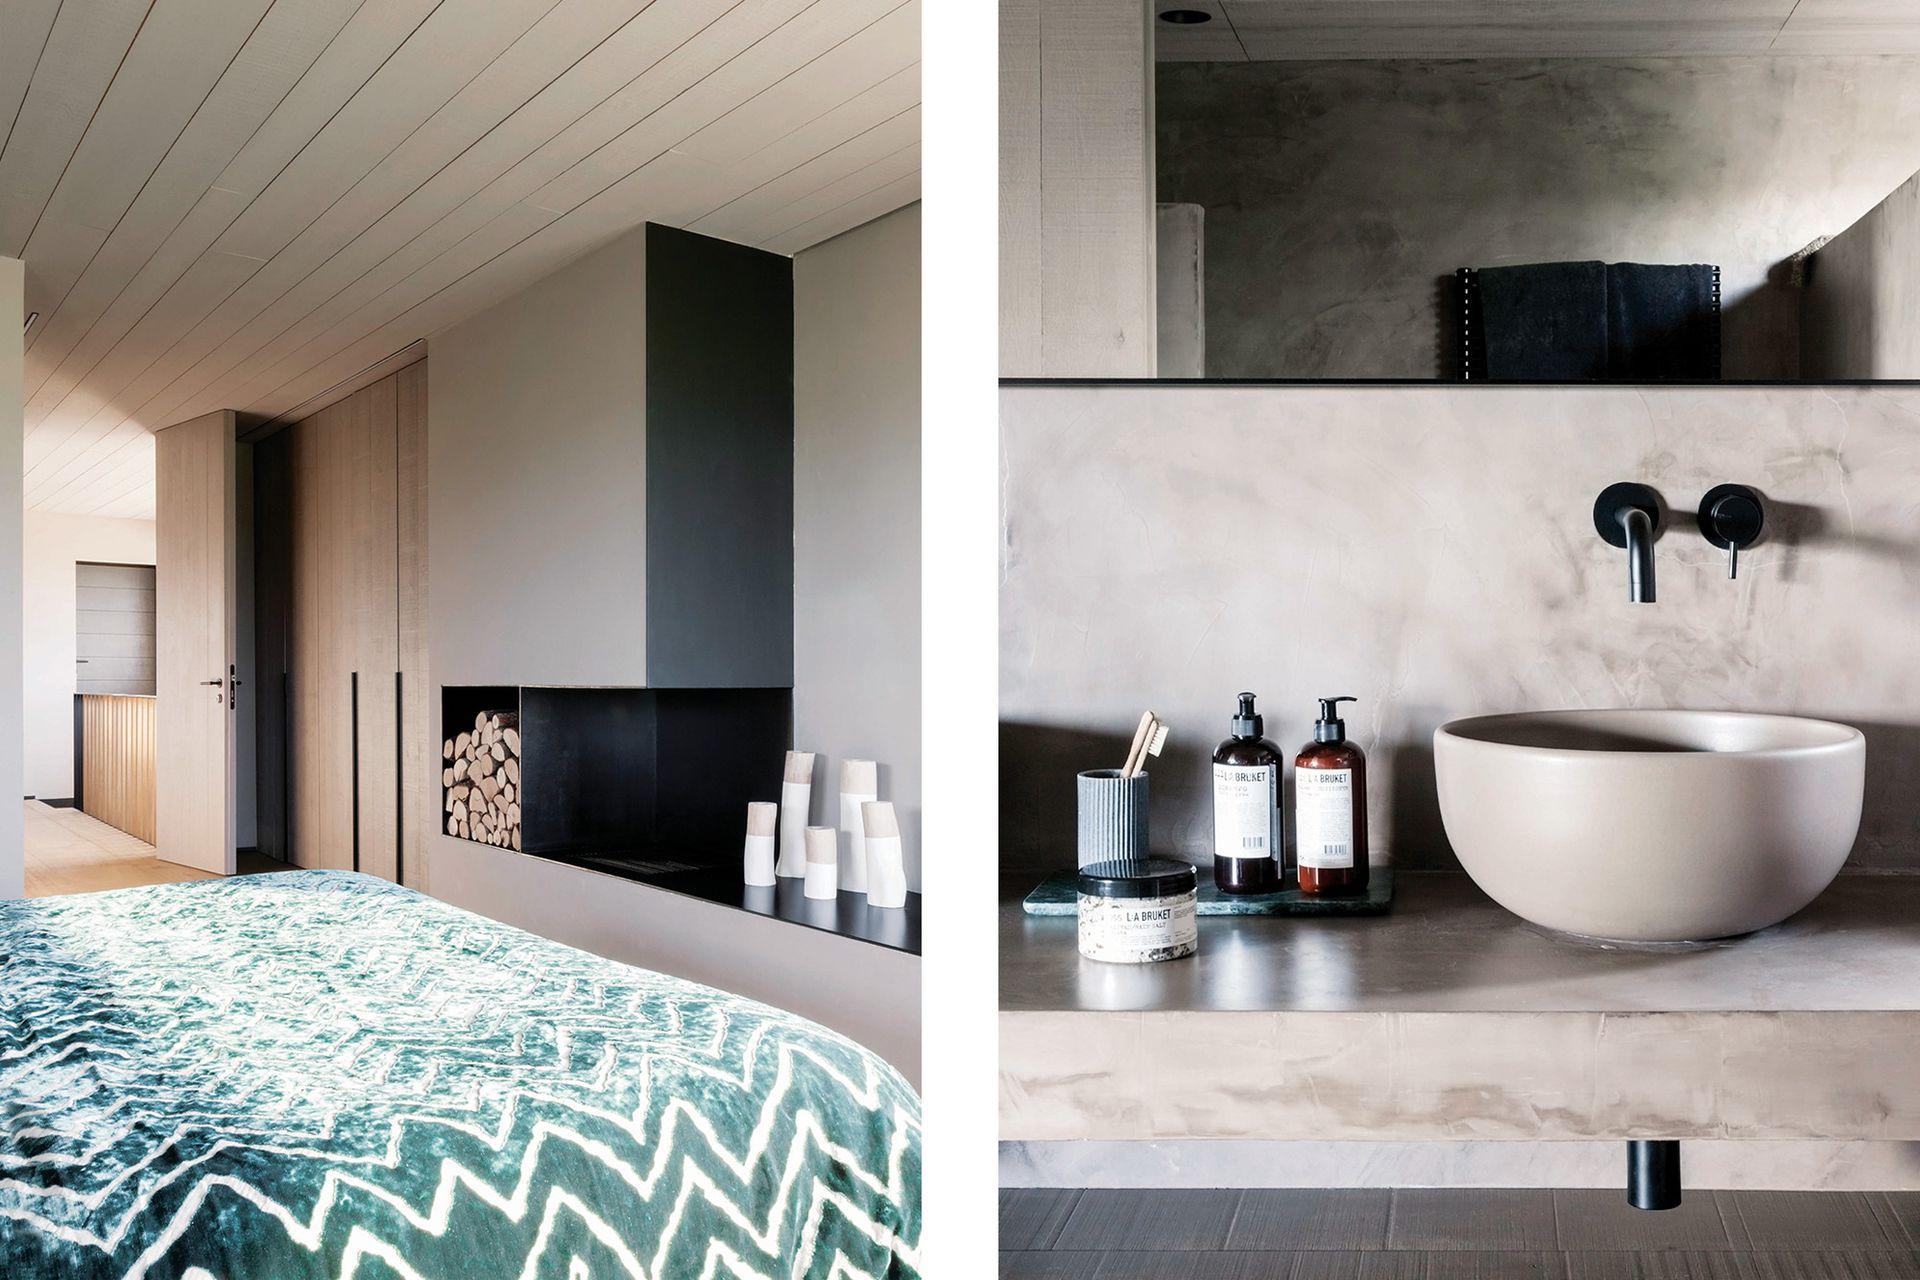 El baño sigue la misma línea estética del resto de la casa con revestimiento y mesada en microcemento color visón, y grifería negra 'Ottavo' (Quadro Design).